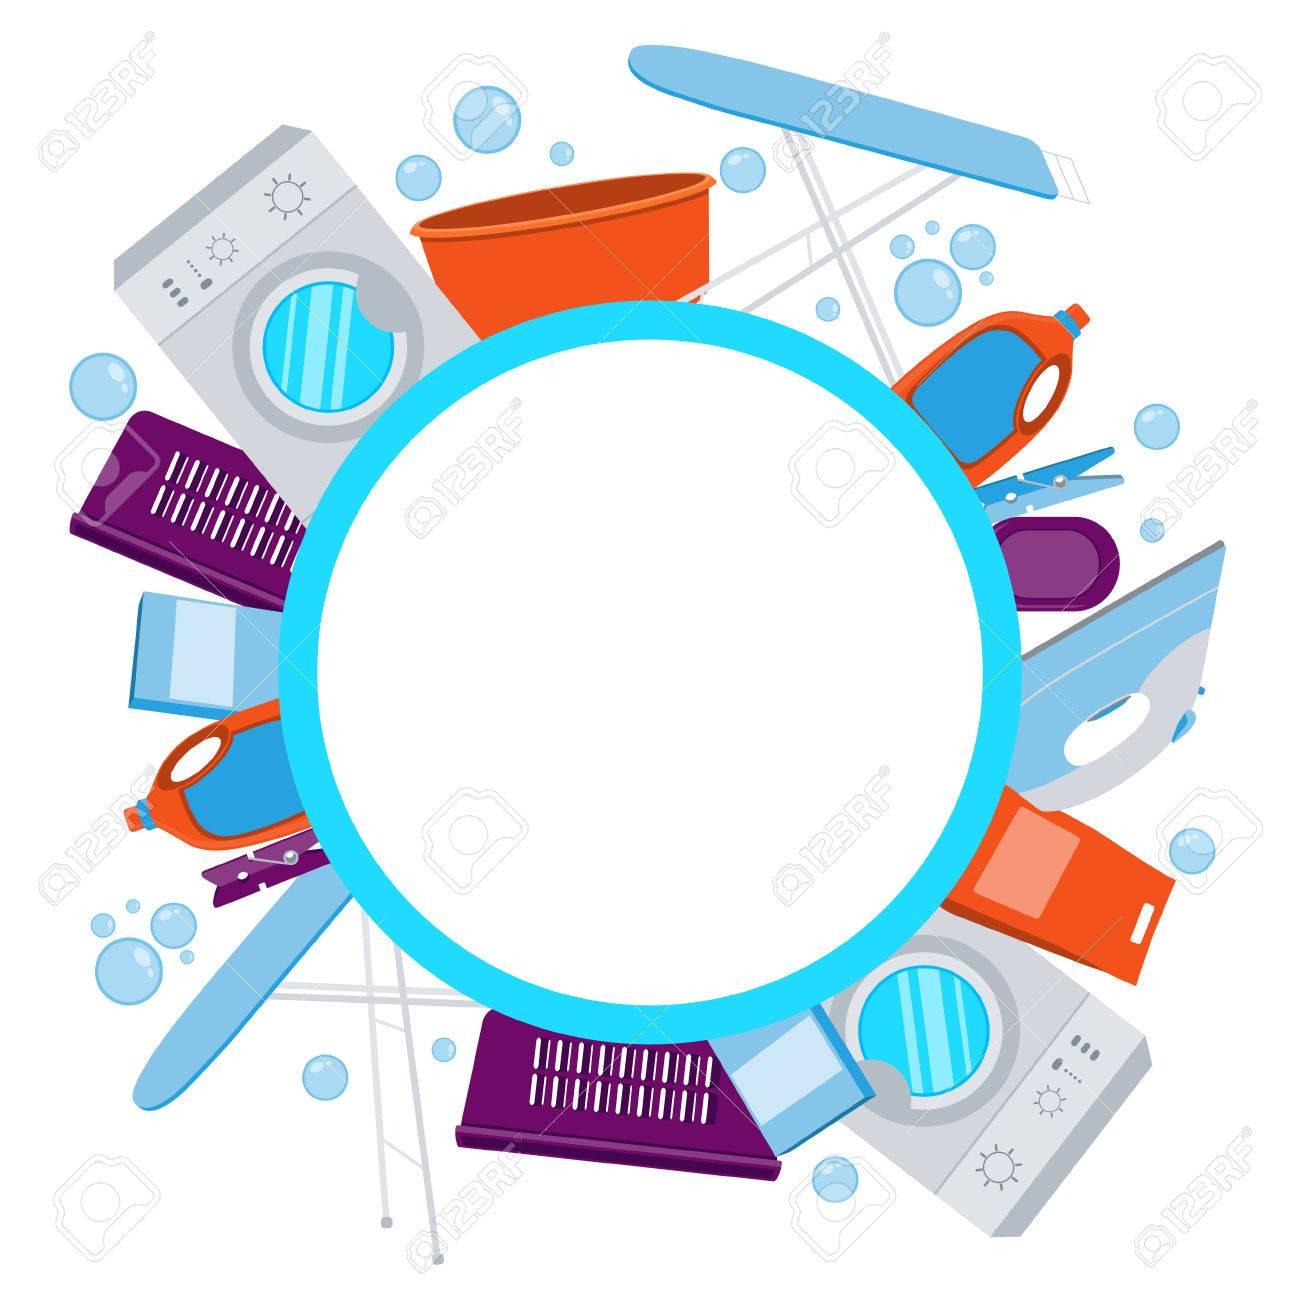 Laundry Frame Frame Laundrywashing Machine And Laundry Detergentillustration